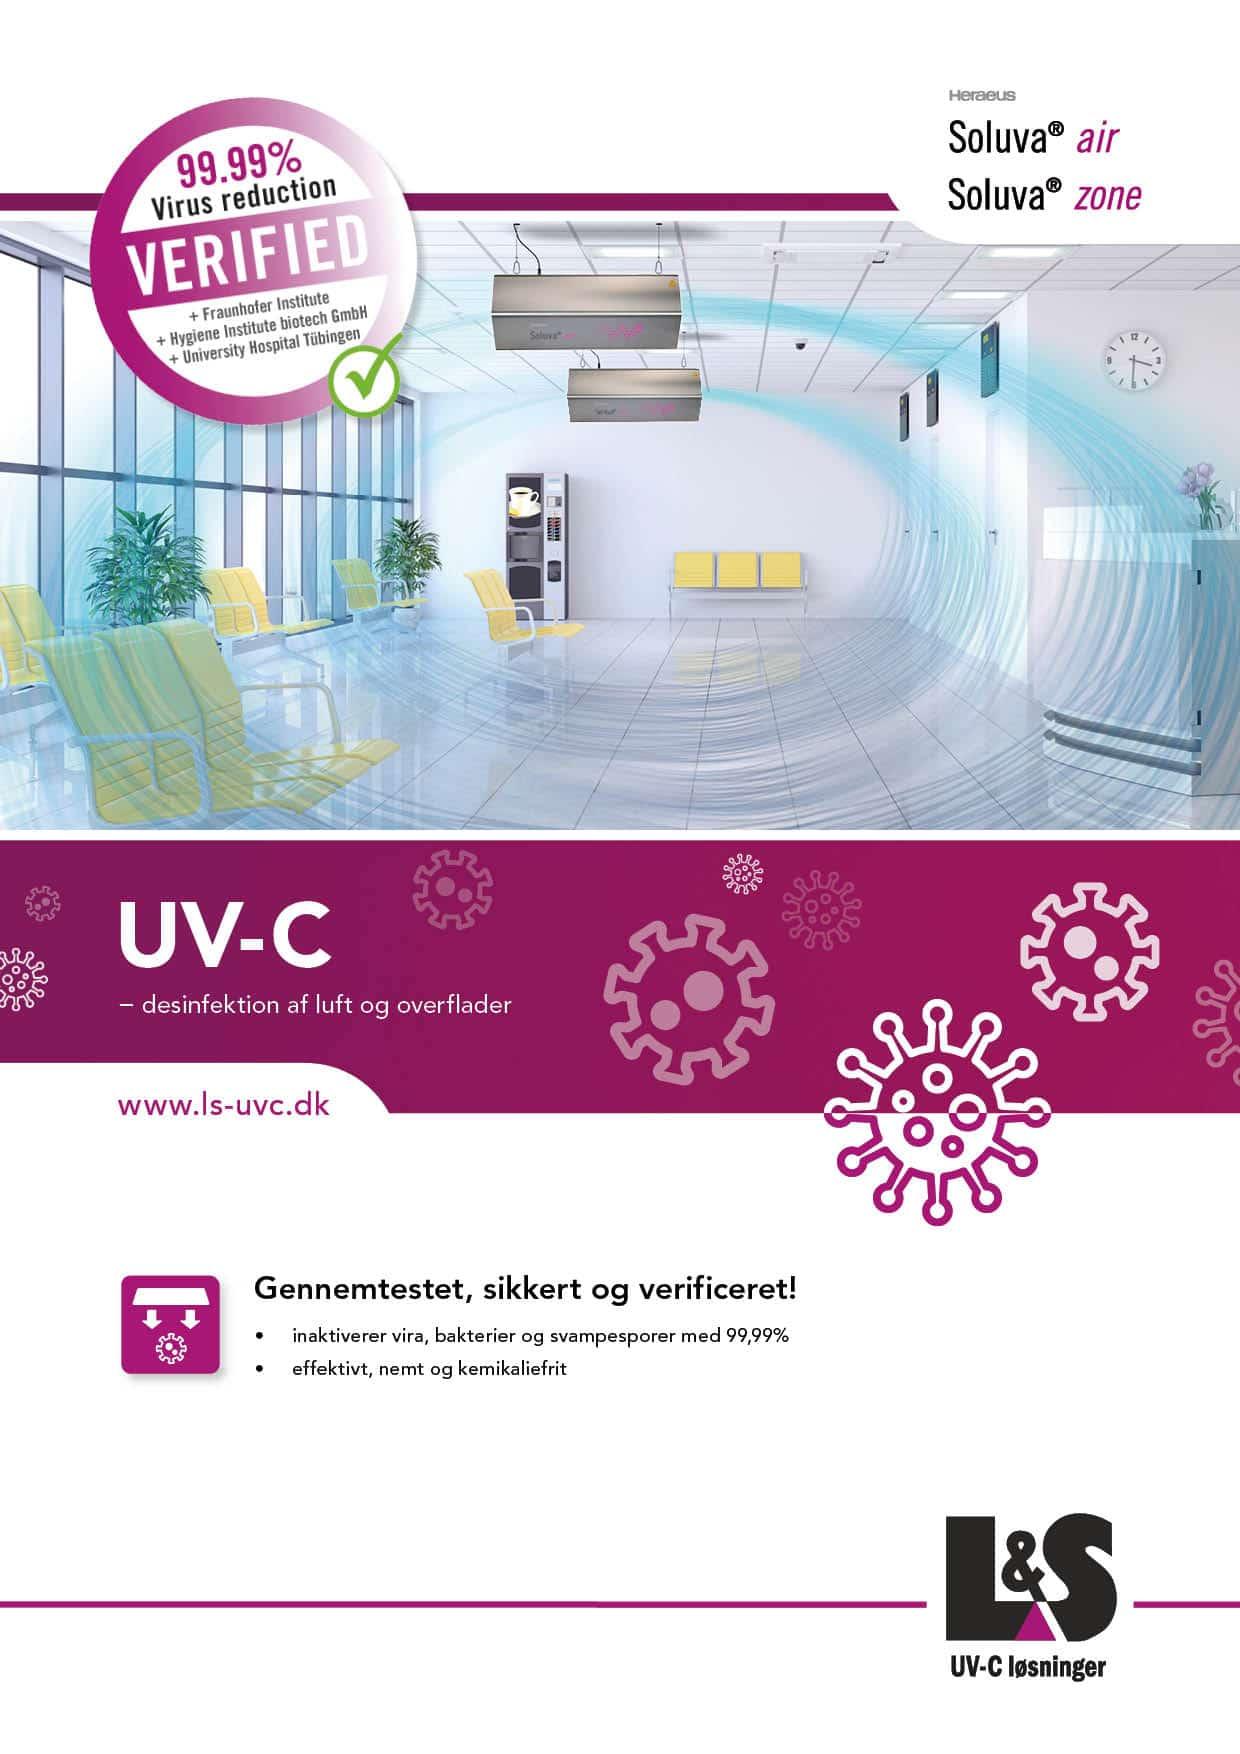 Soluva-UVC-lys-Disinfektion-Cleanair-Ventilation-Lund-Soerensen-AS